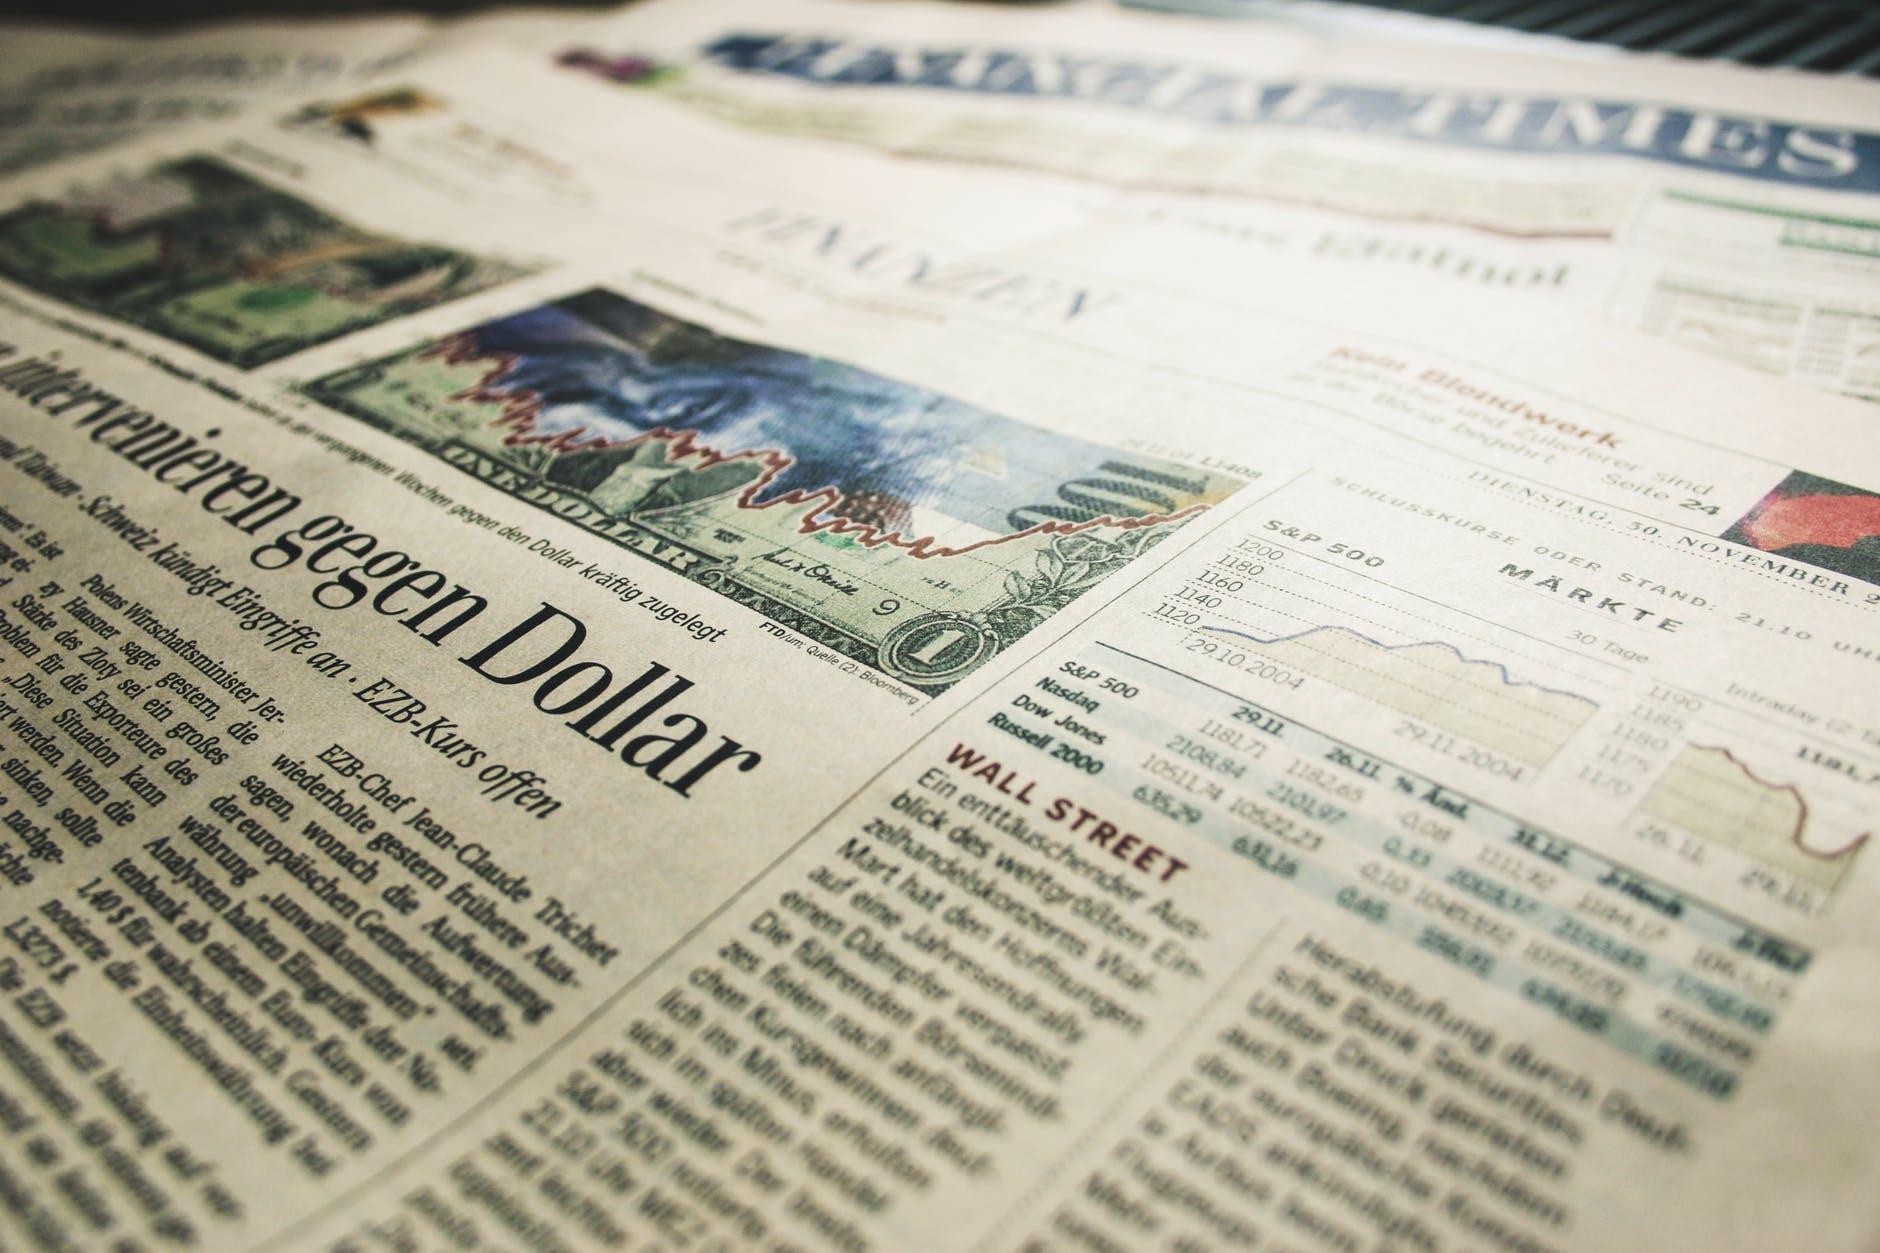 finance news newspaper stocks